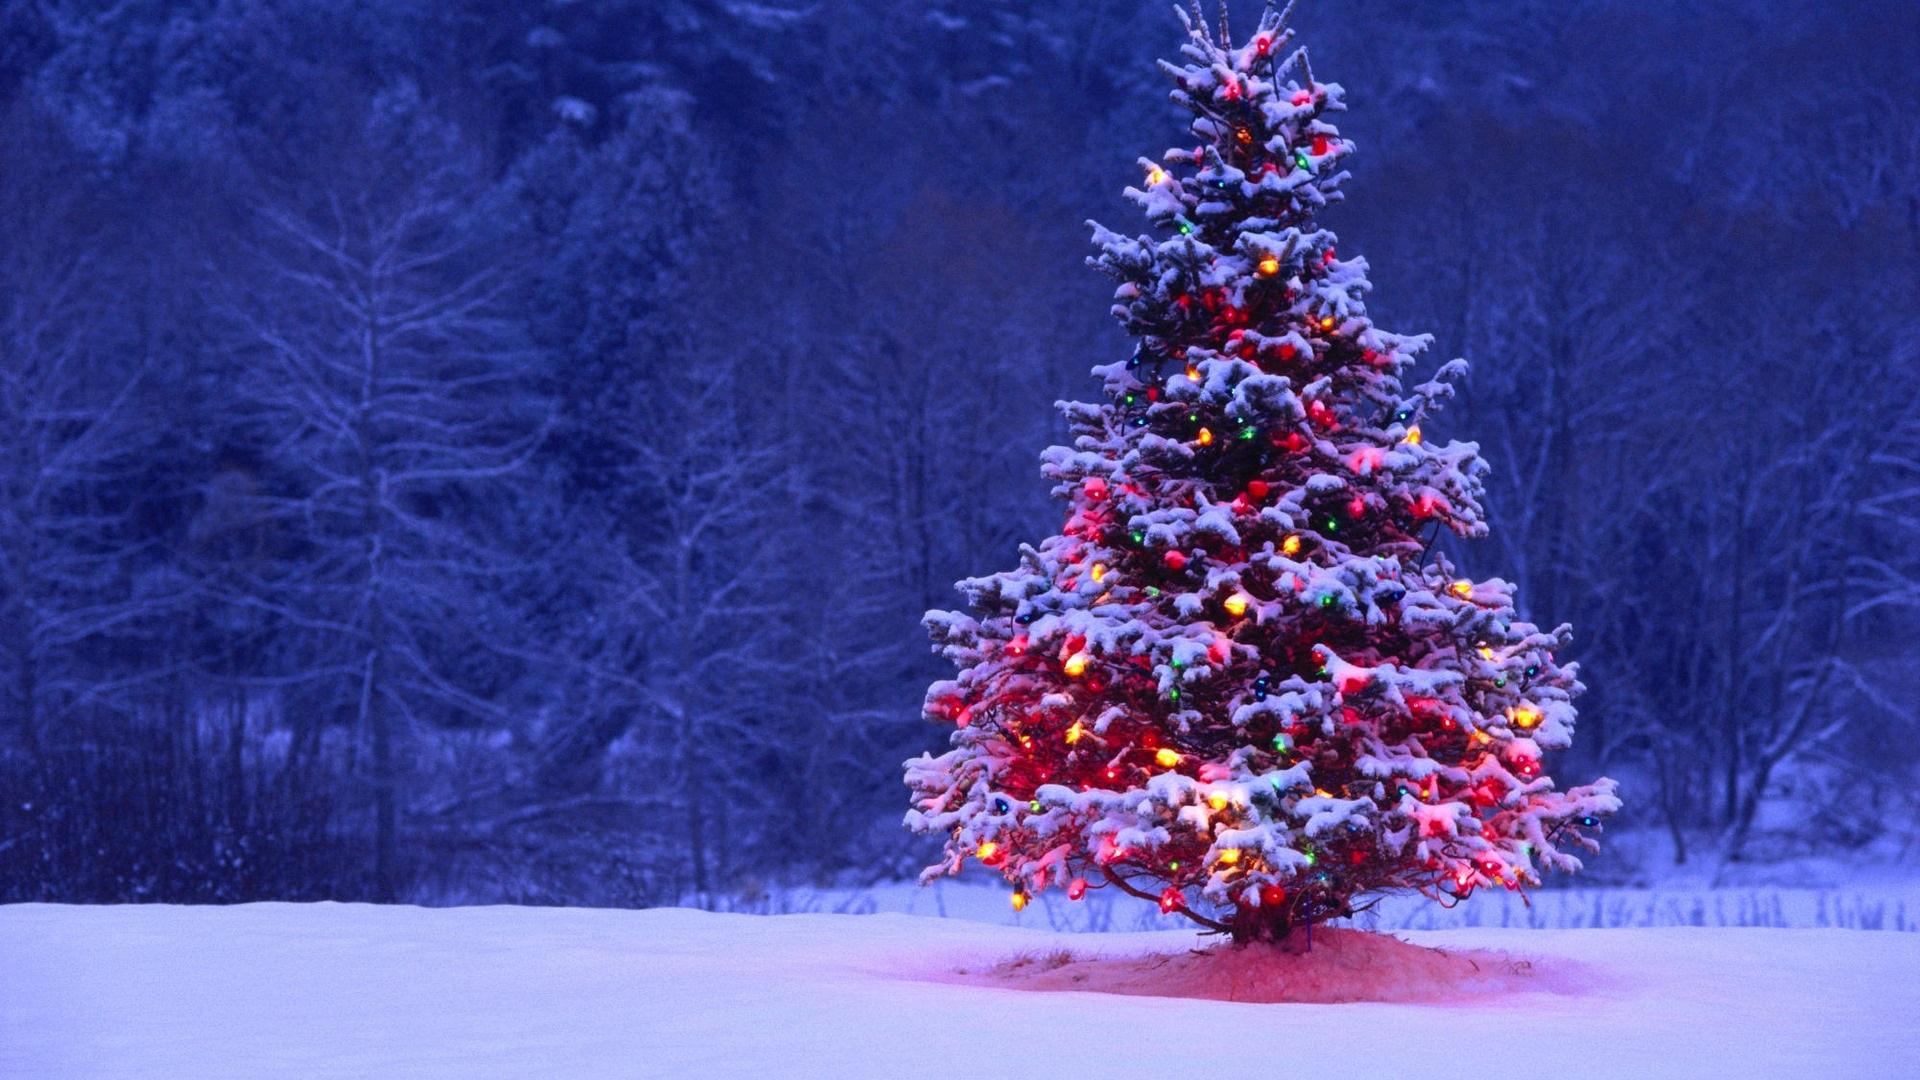 free christmas tree wallpapers image